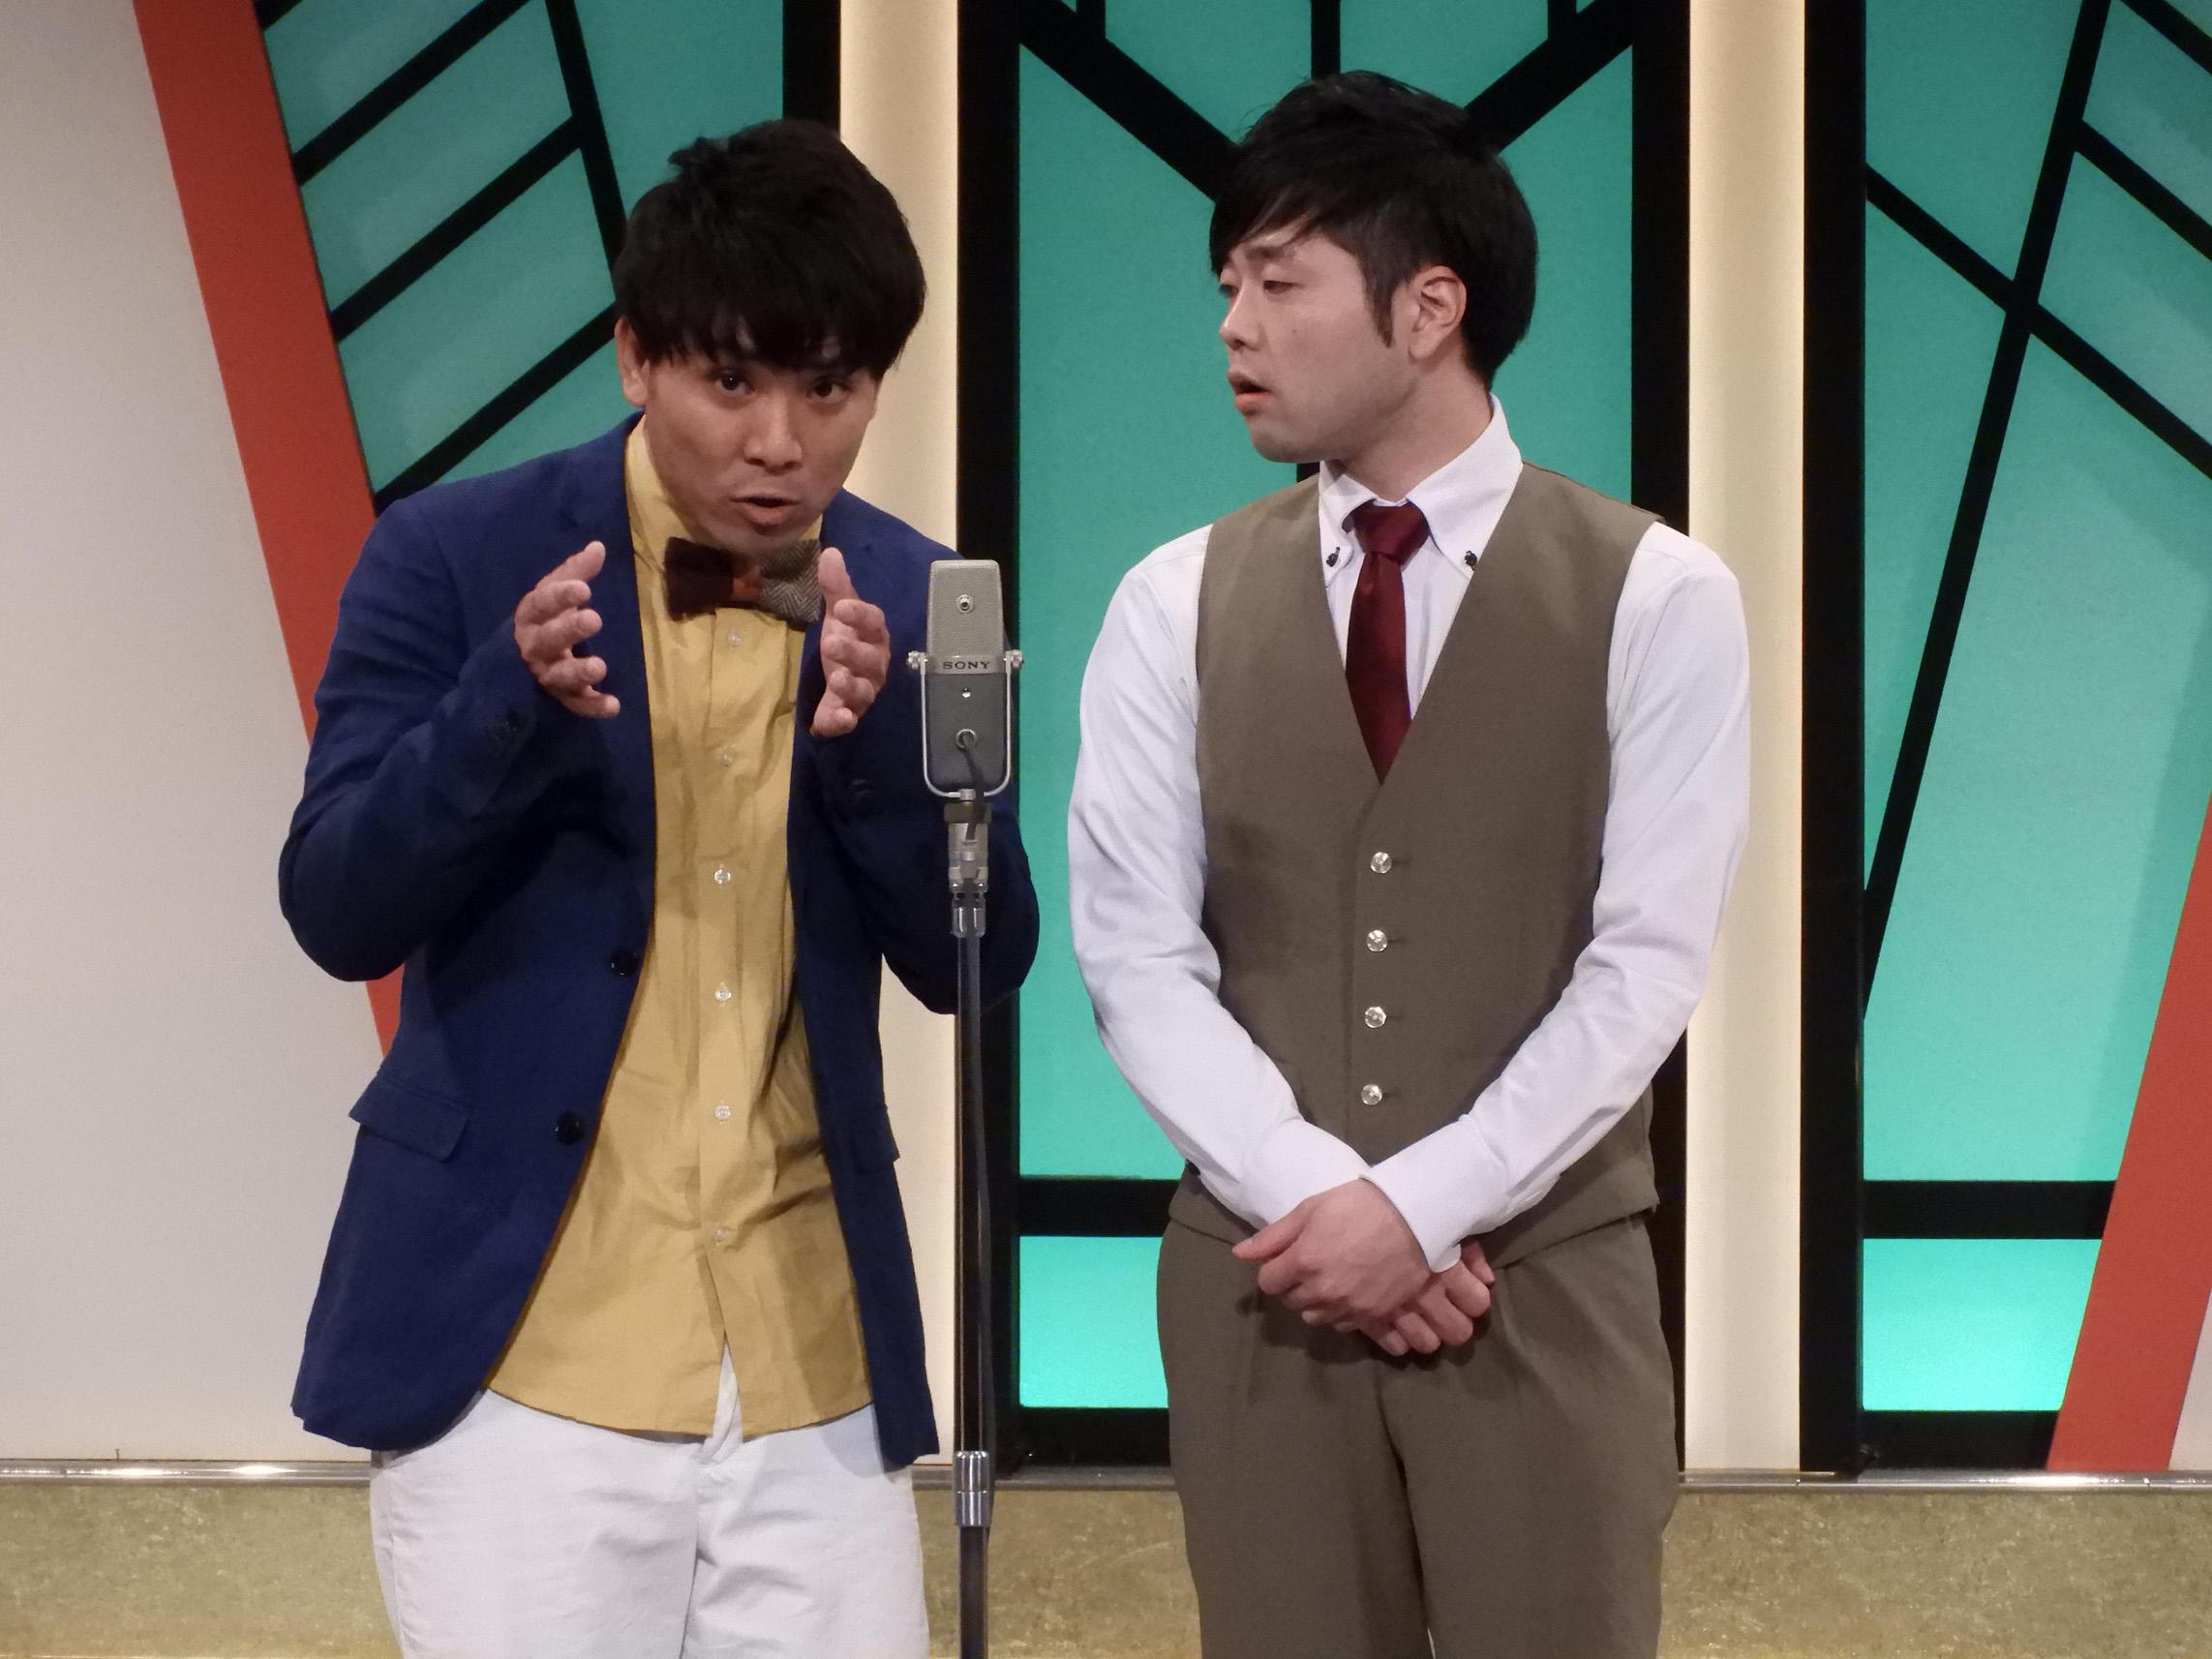 http://news.yoshimoto.co.jp/20180511111138-02d999af68795f7c0a56e15d15dca0d56e7ee134.jpg